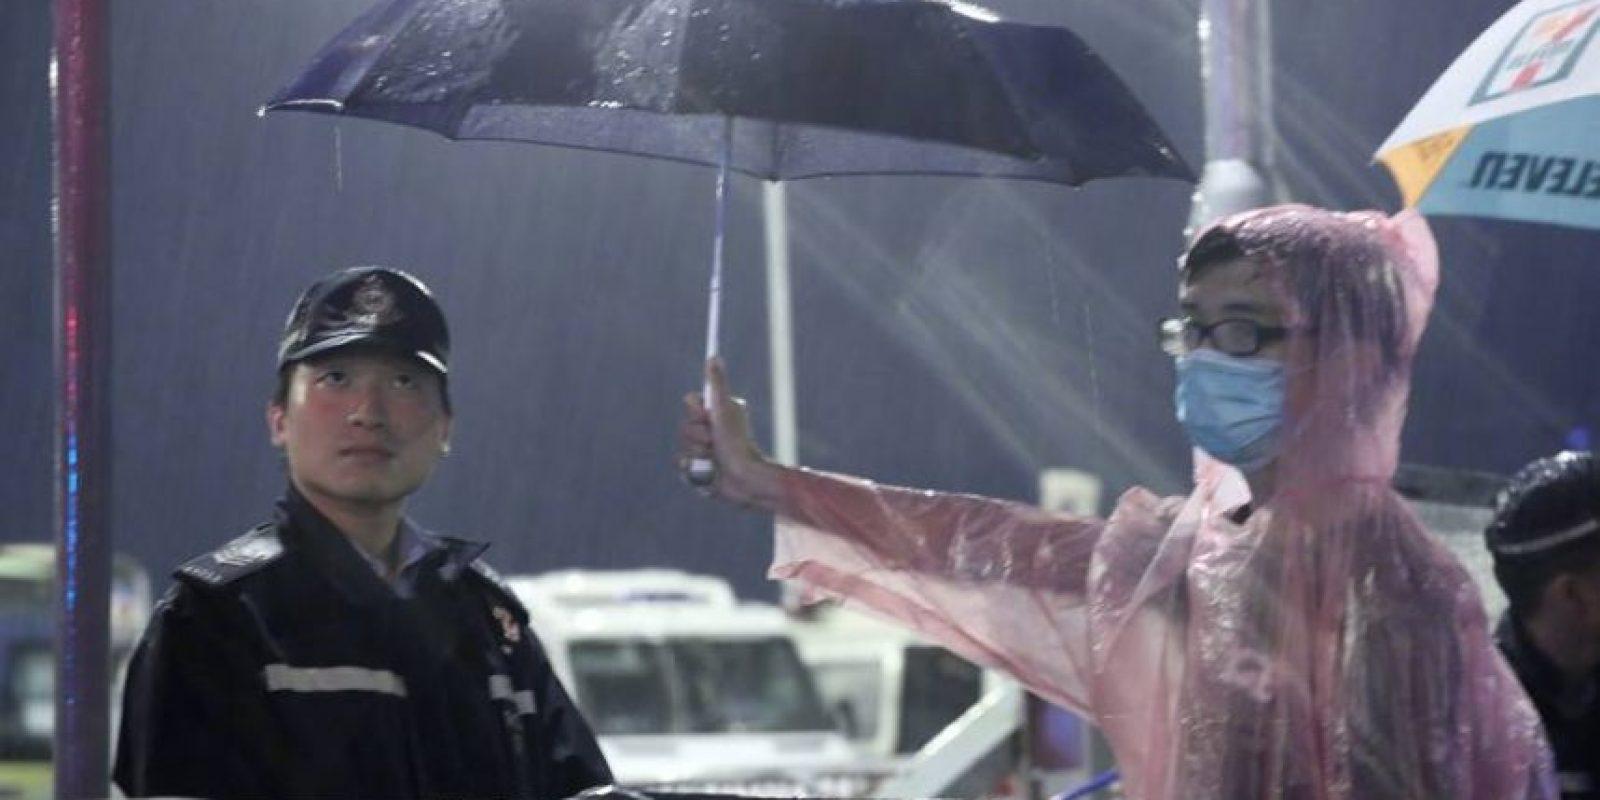 Las sombrillas se han convertido en un símbolo para los manifestantes Foto:Facebook FB Newshire